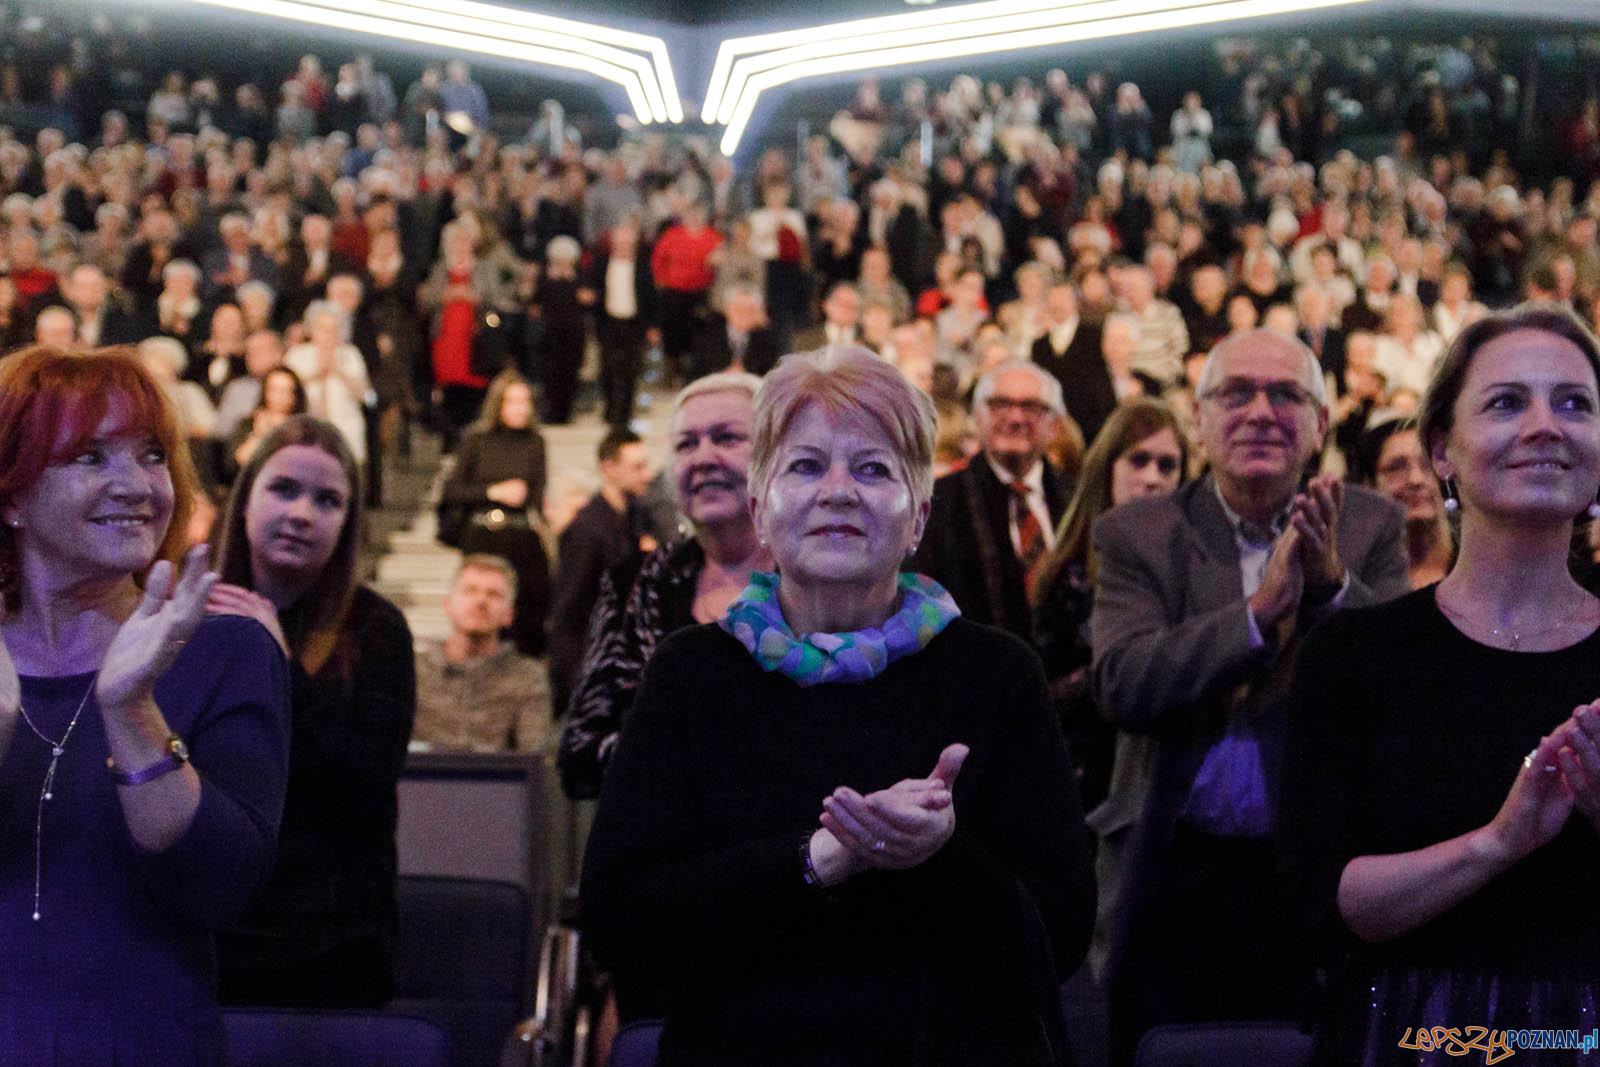 Gwiazdo Świeć, koledo leć  Foto: lepszyPOZNAN.pl / Ewelina Jaskowiak